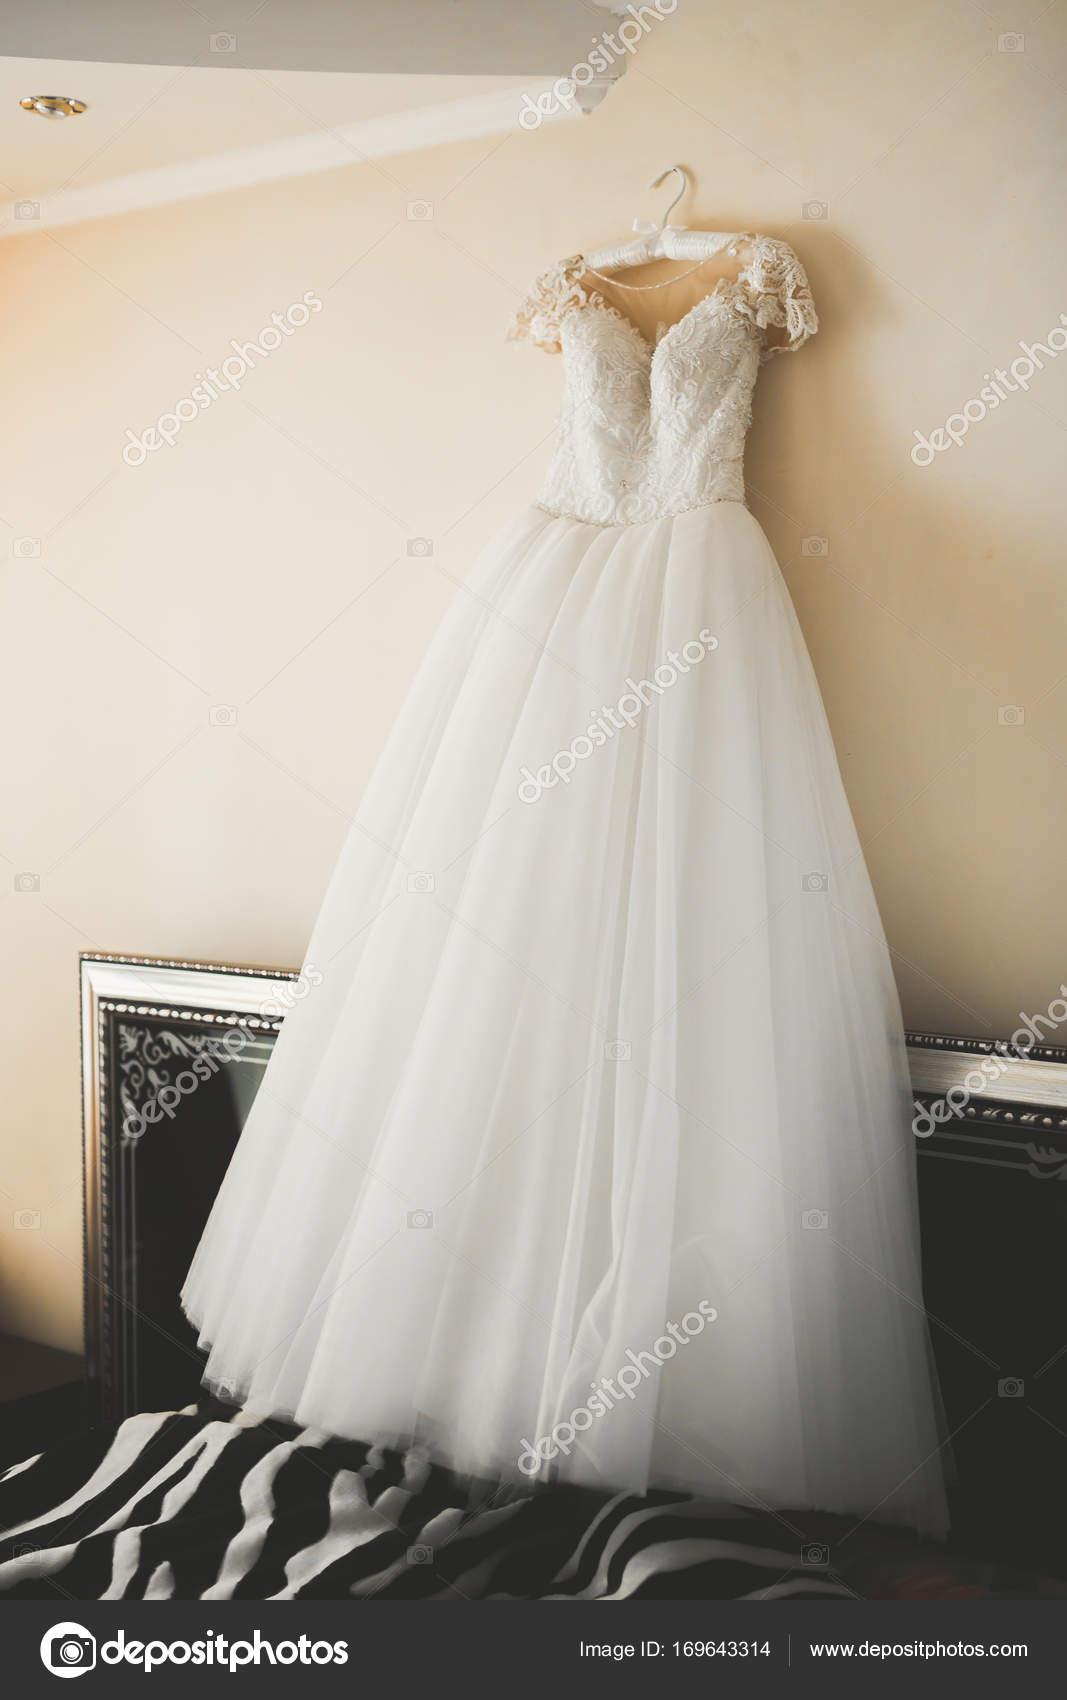 L abito da sposa perfetto in camera della sposa — Foto Stock ... 1751fcfb3f6